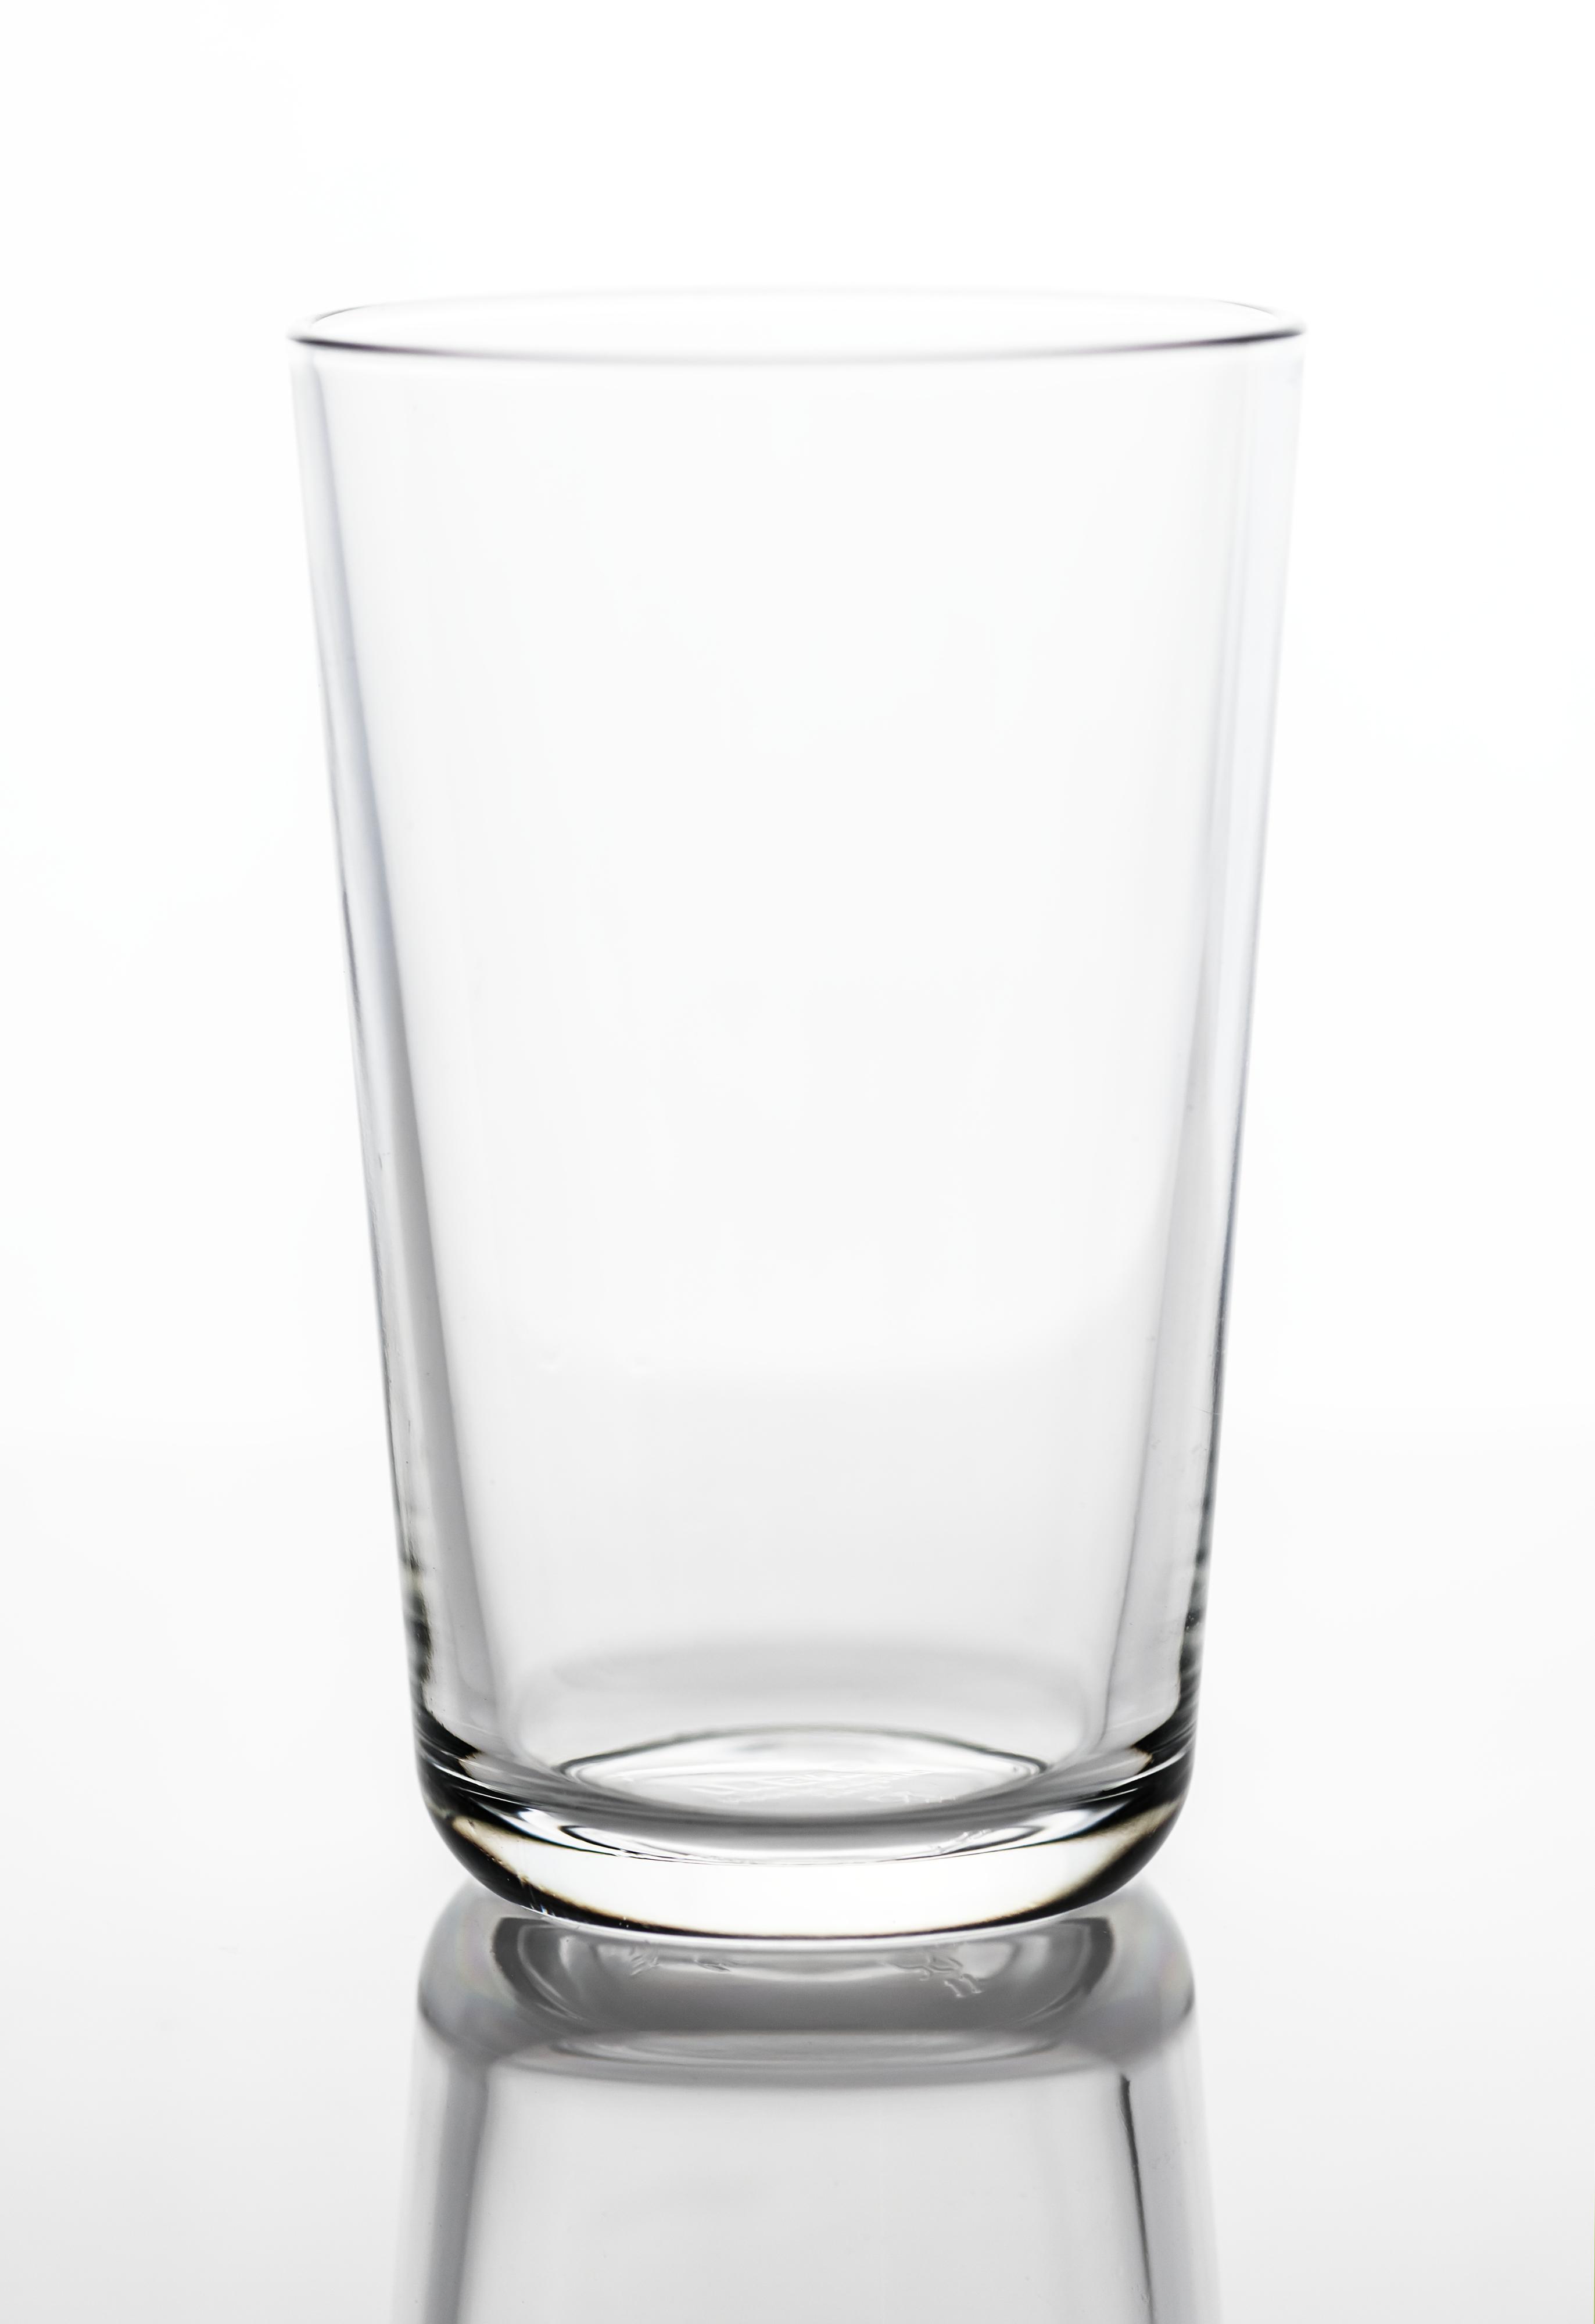 фото пустого стакана в чб прогрессировать битве, игроку